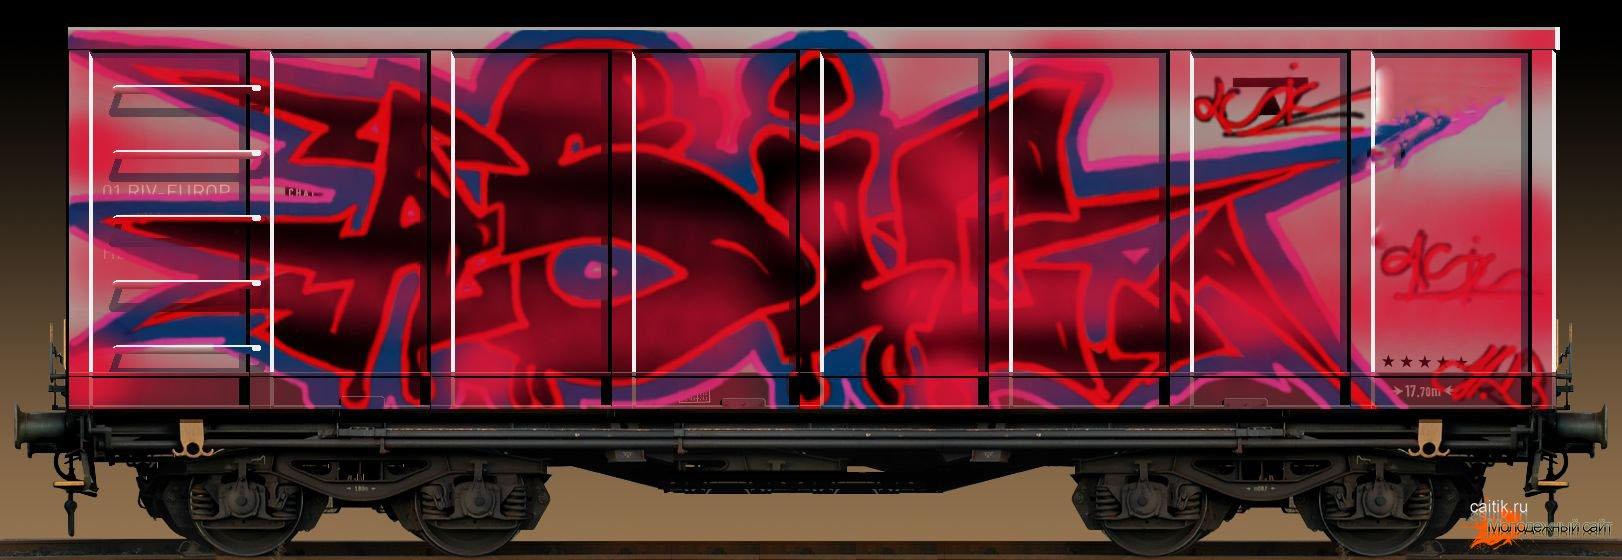 Программа для создания граффити скачать